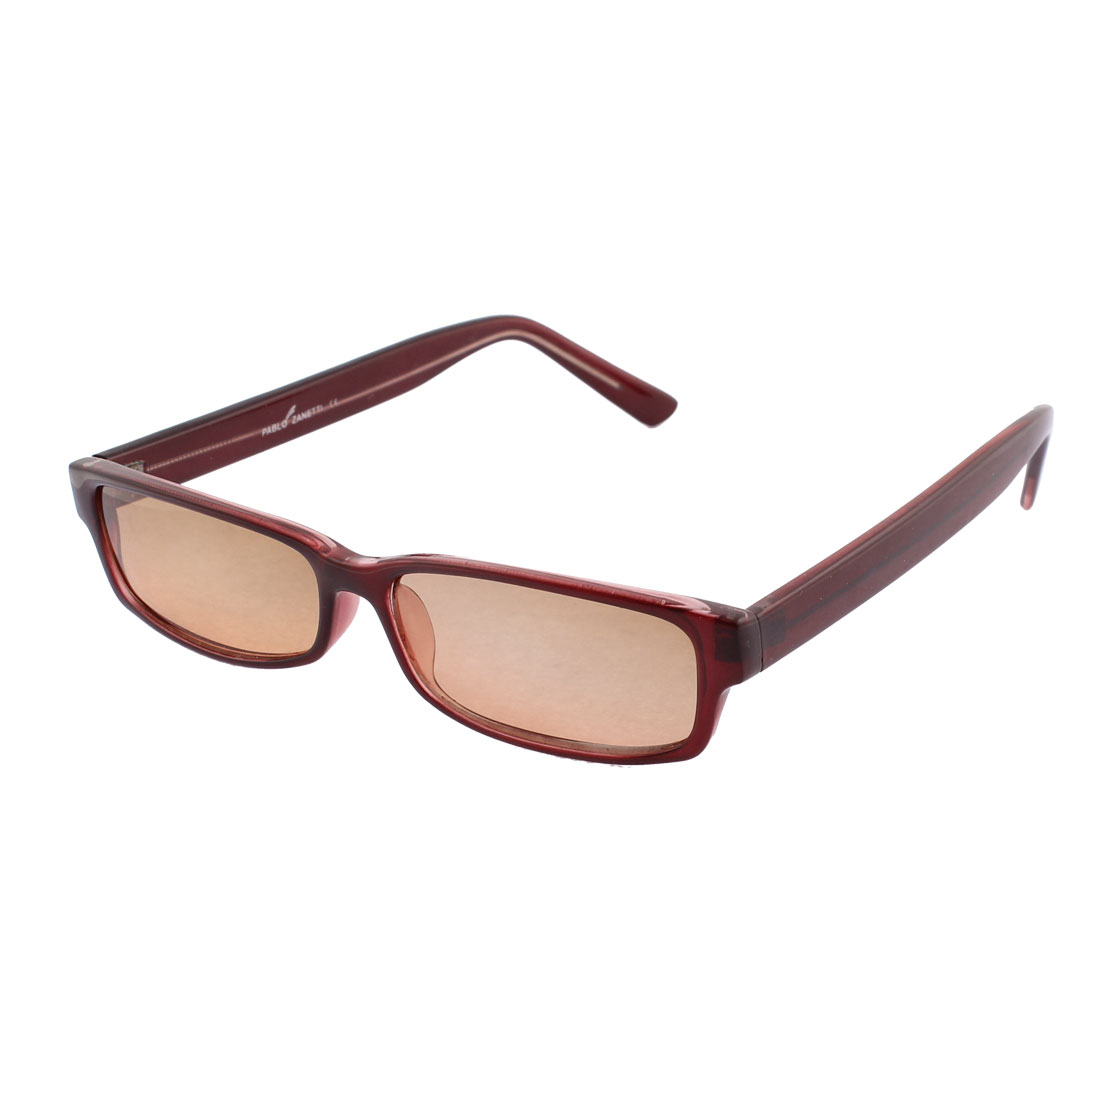 Plastic Rectangular Shape Full Frame Outdoor Sporting Sunglasses Burgundy